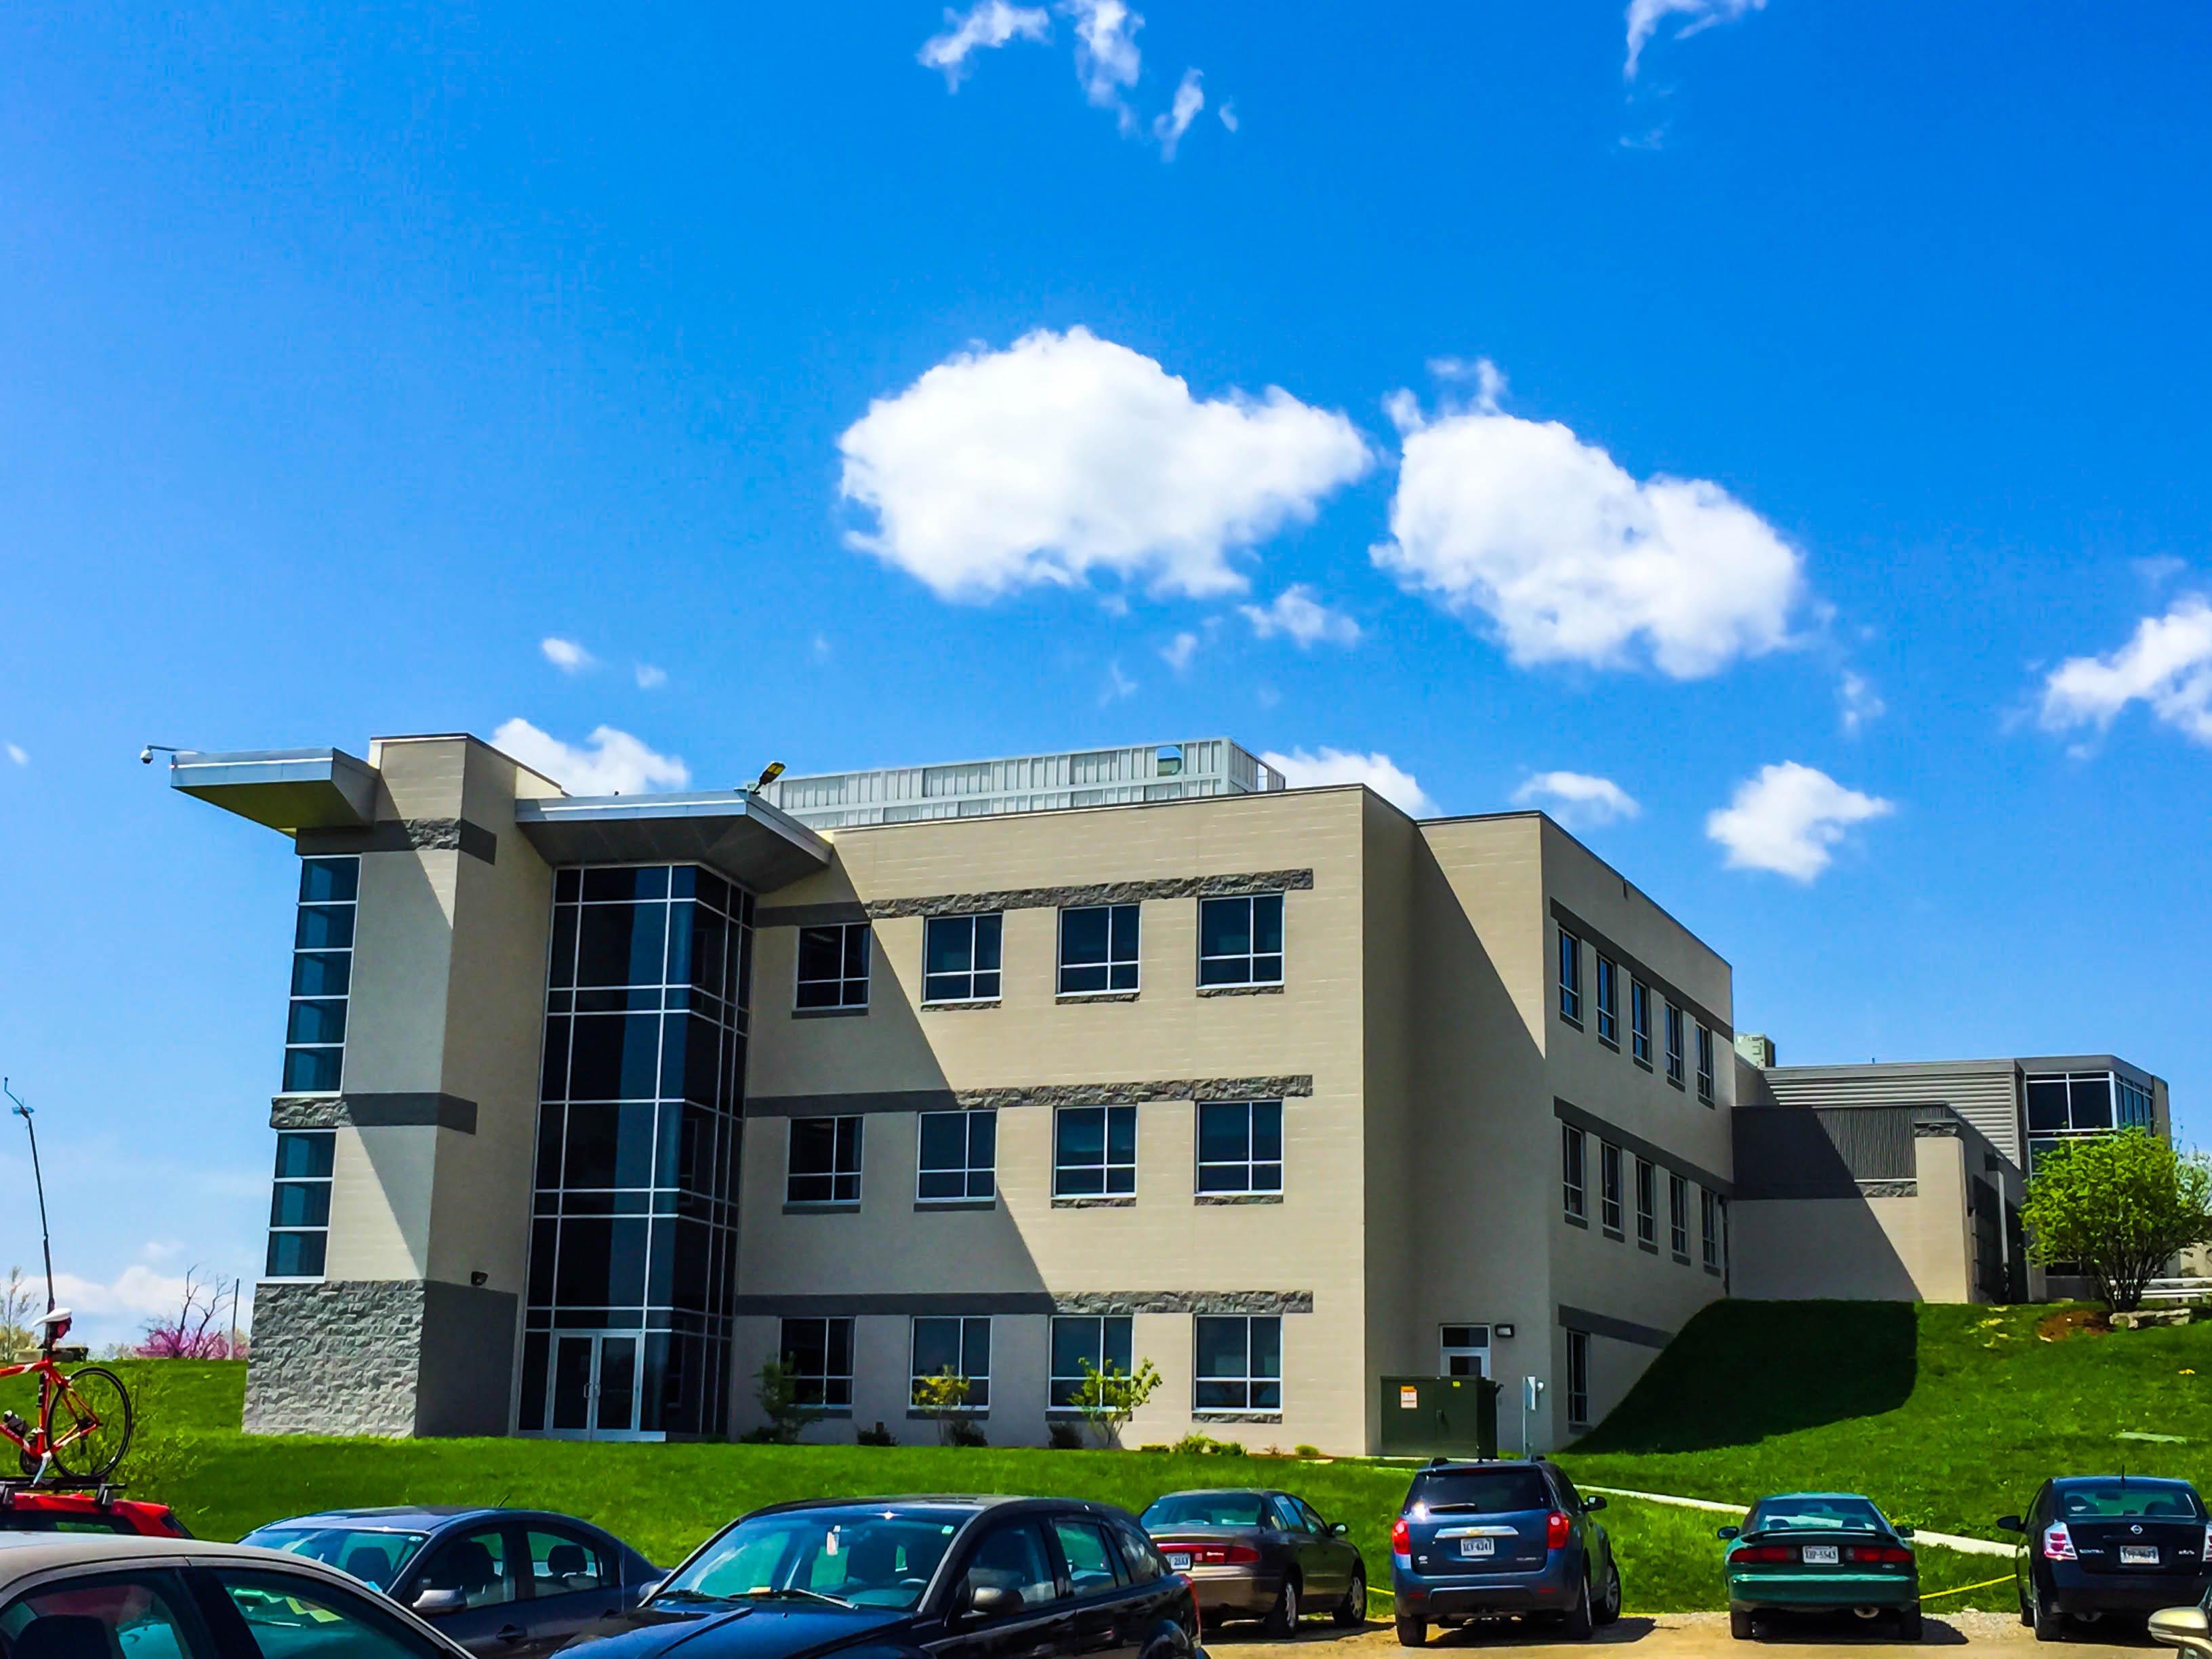 VTTI Annex Building